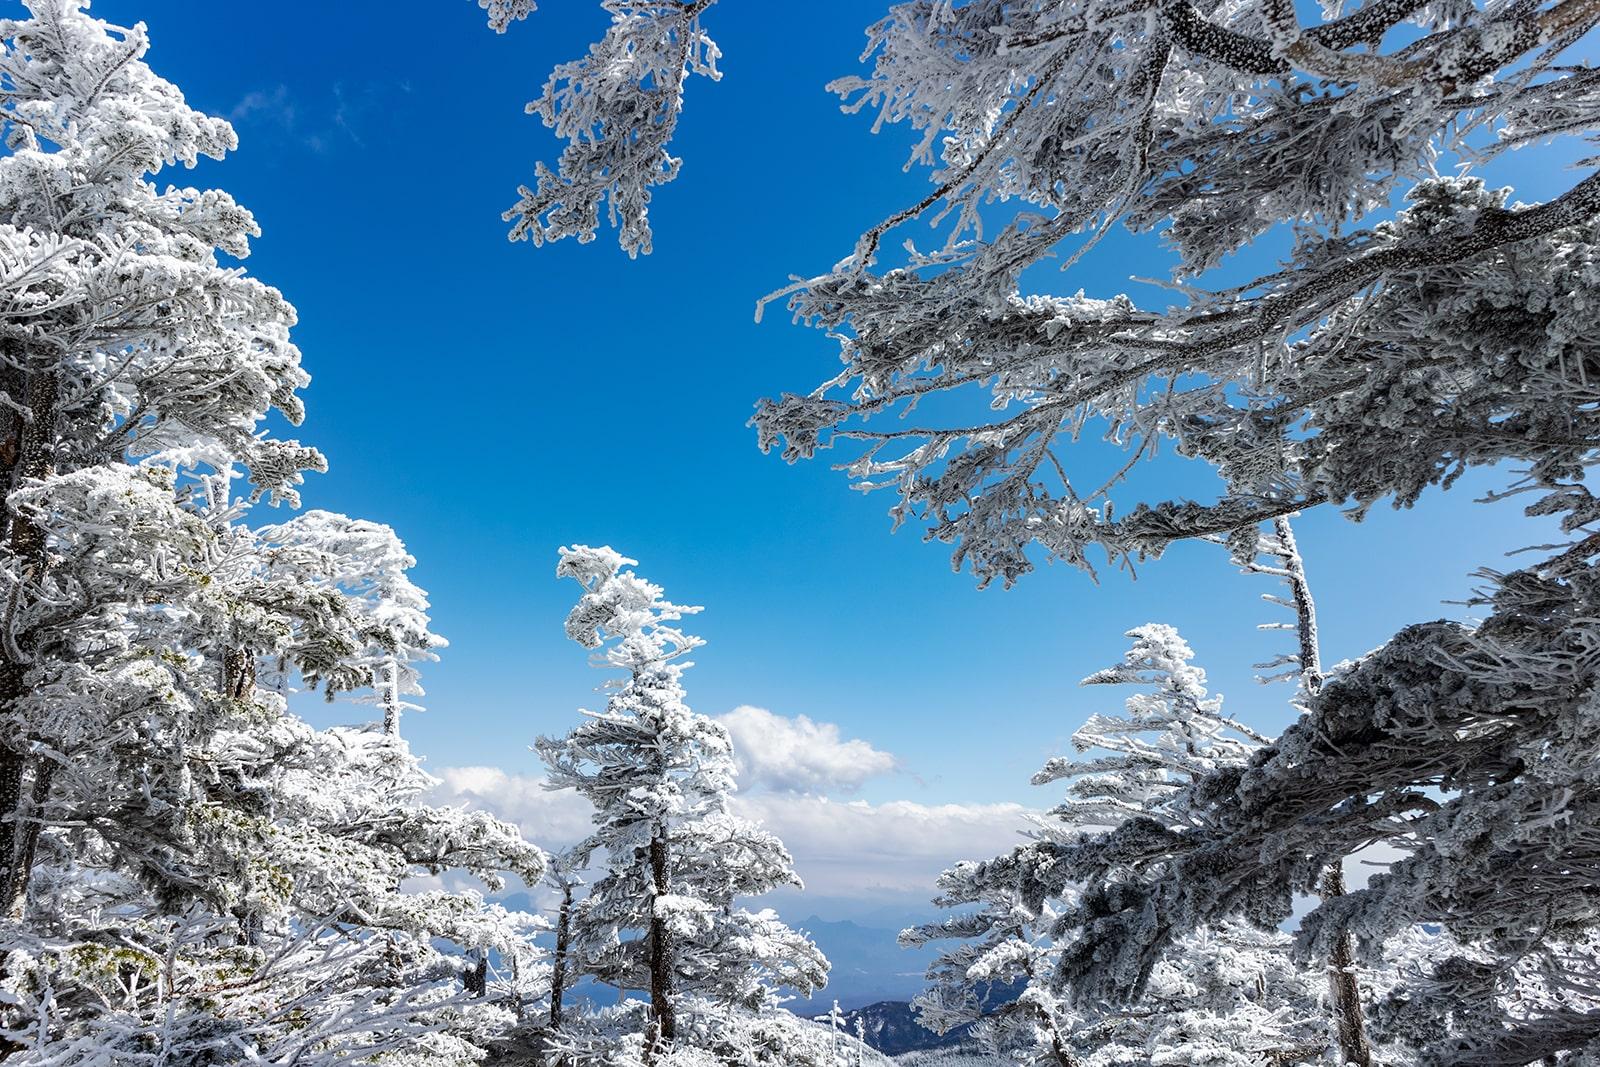 白い雪に覆われた木々と八ヶ岳ブルーのコントラストが美しい北横岳。